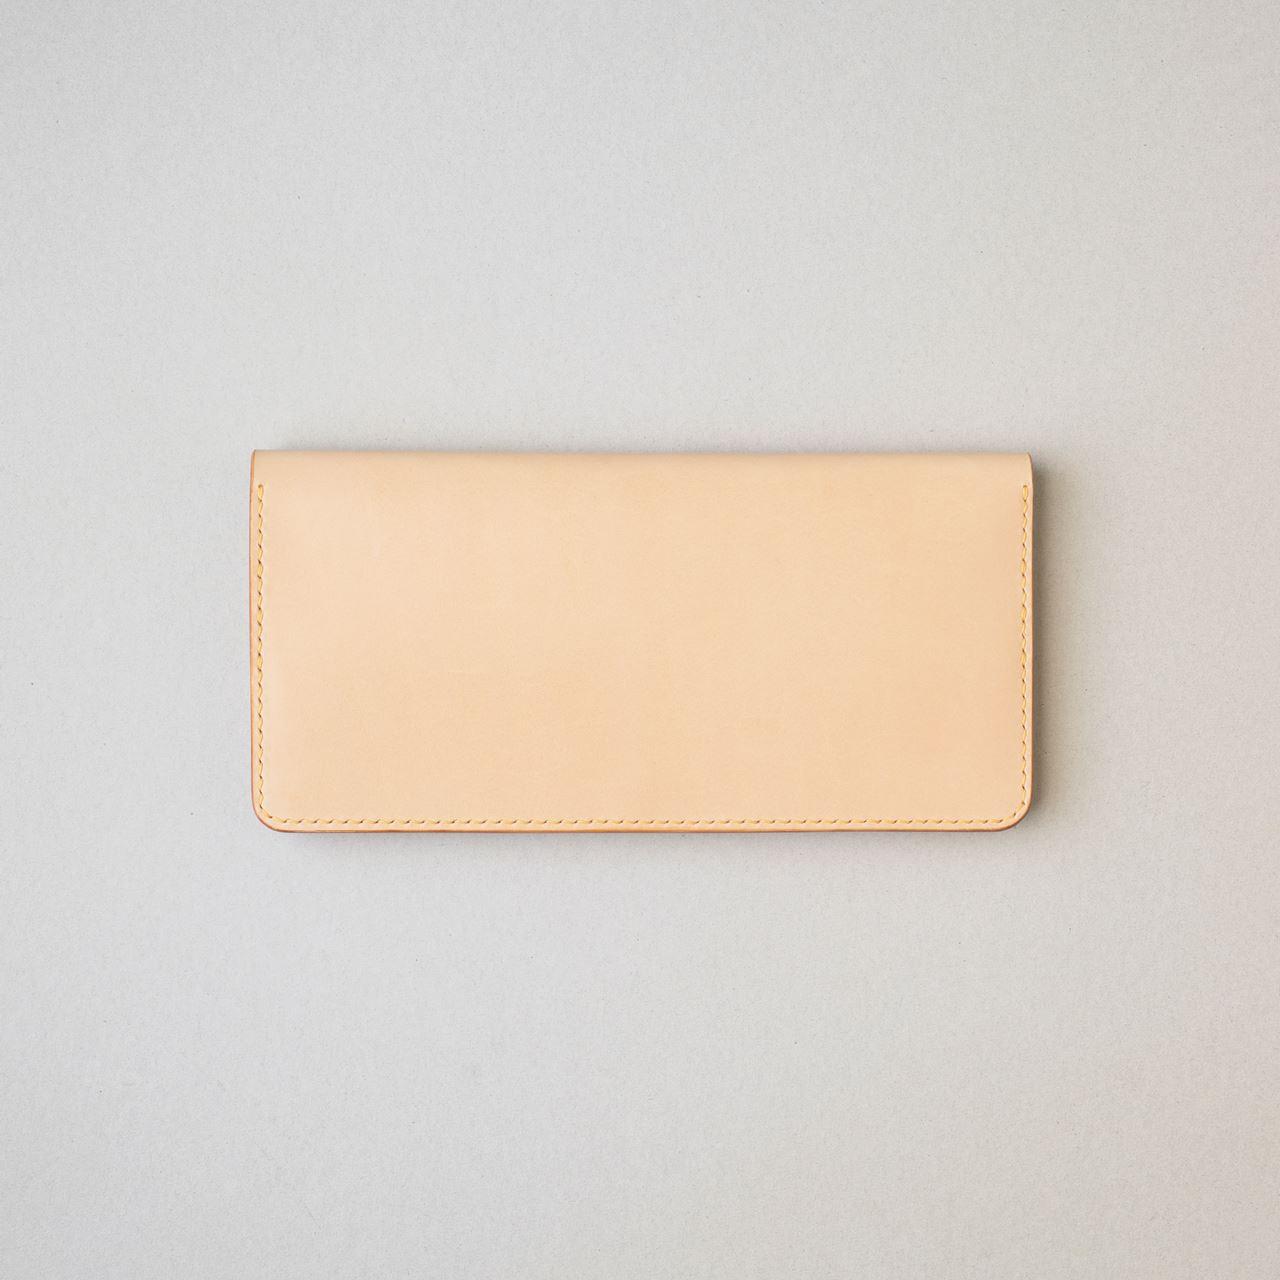 生成りの長財布1型プラスが完成しました